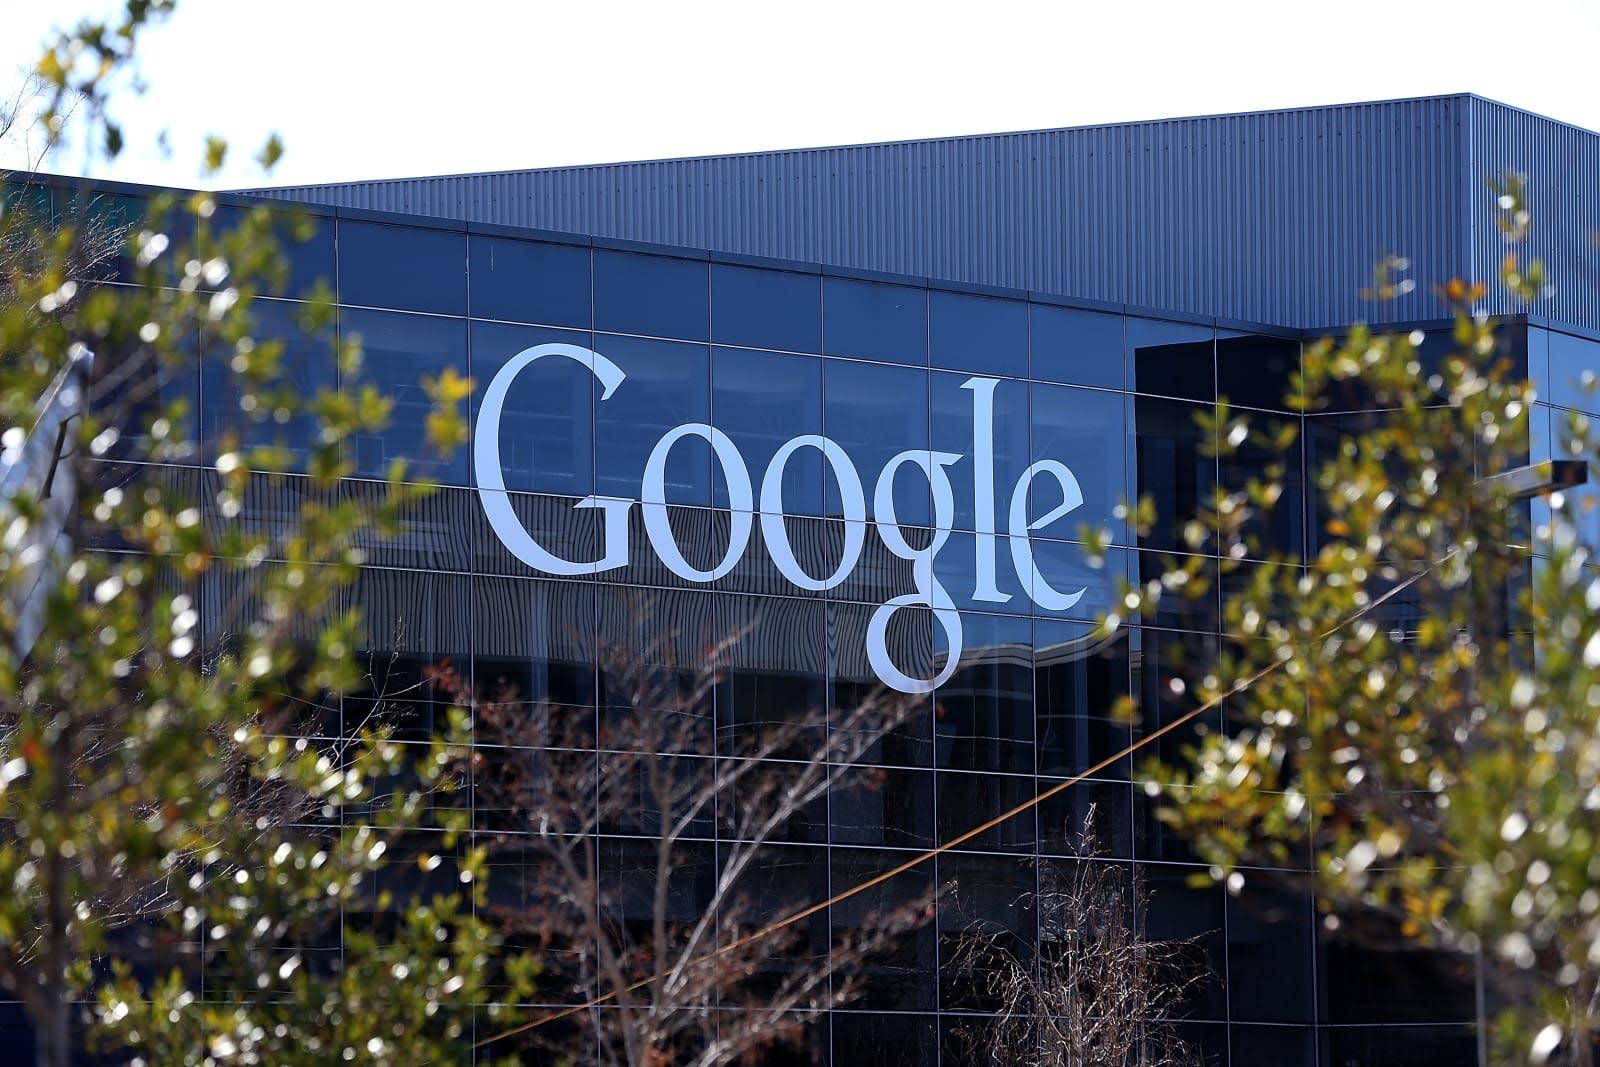 Google appeals $2.4 billion EU antitrust fine